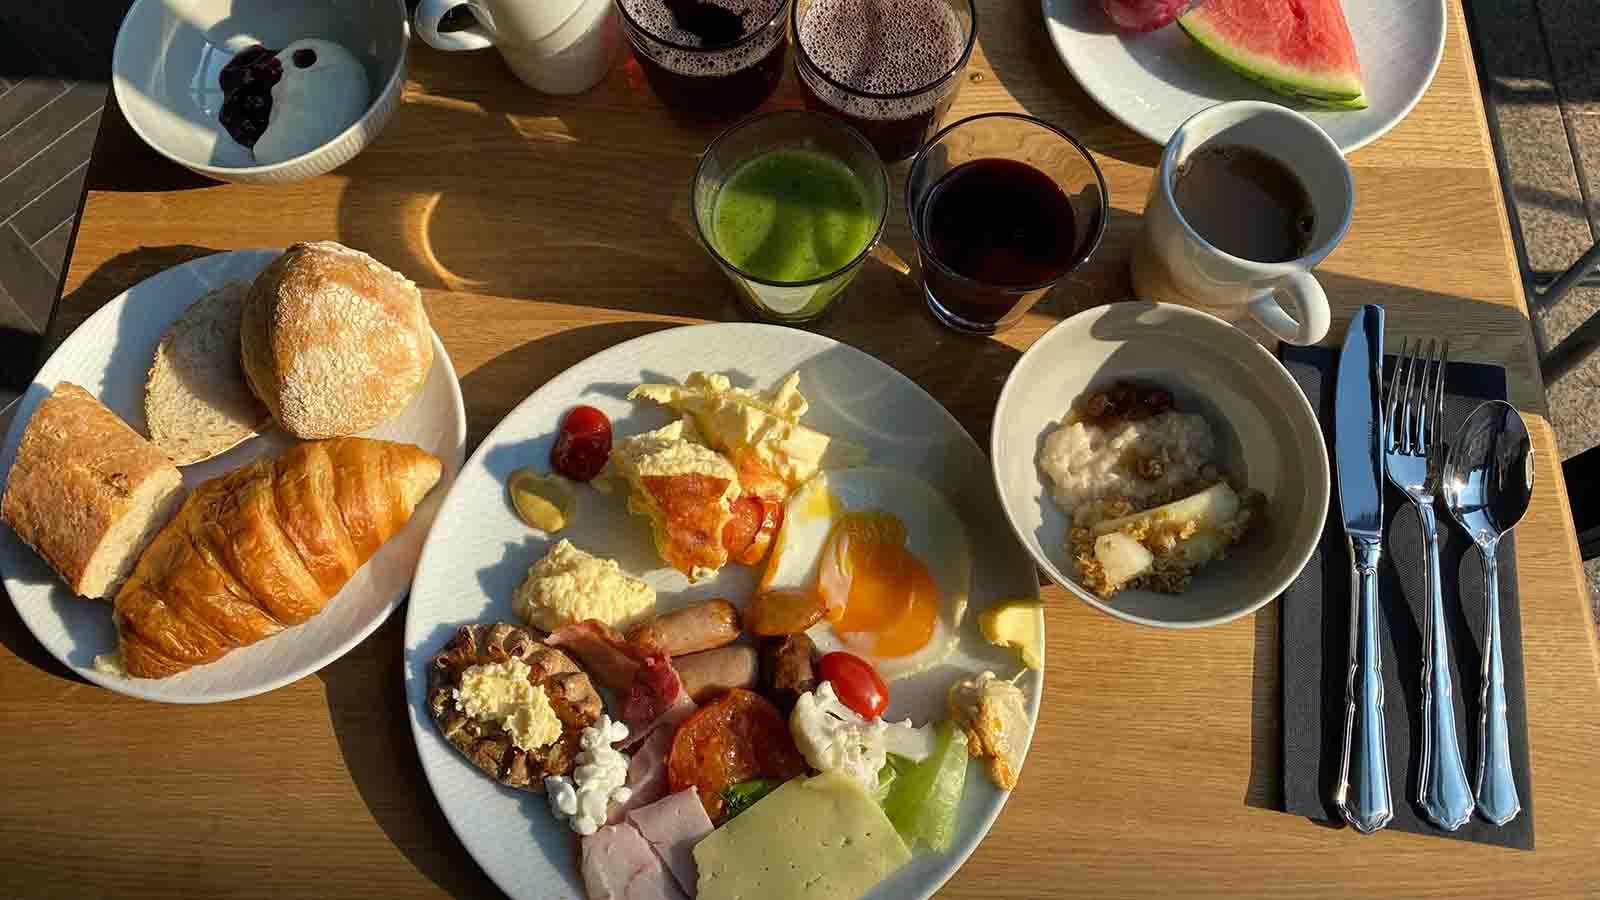 スカンディック・グランド・セントラル・ヘルシンキ・ホテルにあるレストランの朝食